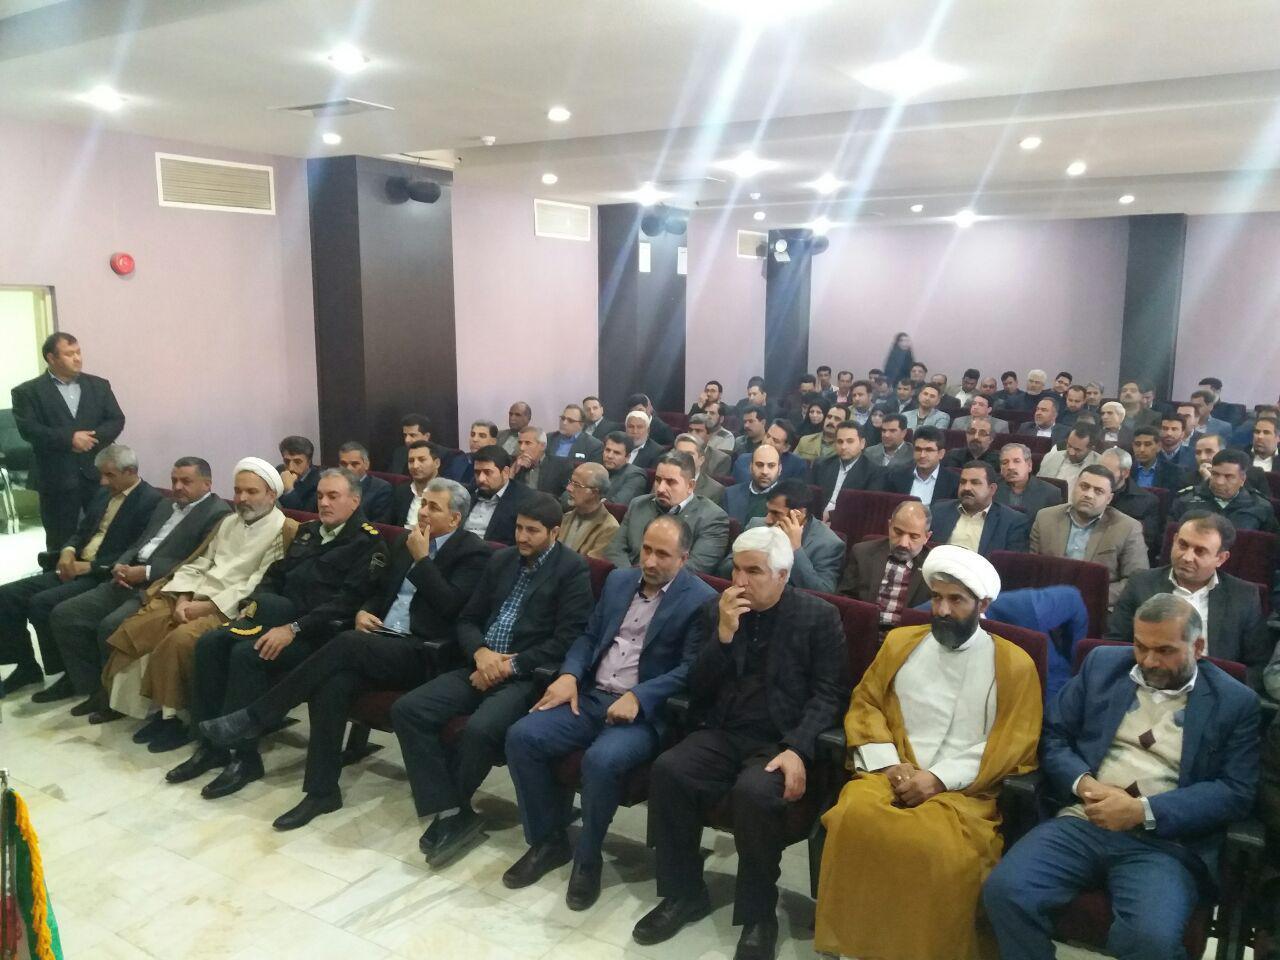 مراسم تکریم رضا اشک و معارفه هادی شهسوارپور فرماندار جدید بم برگزار شد